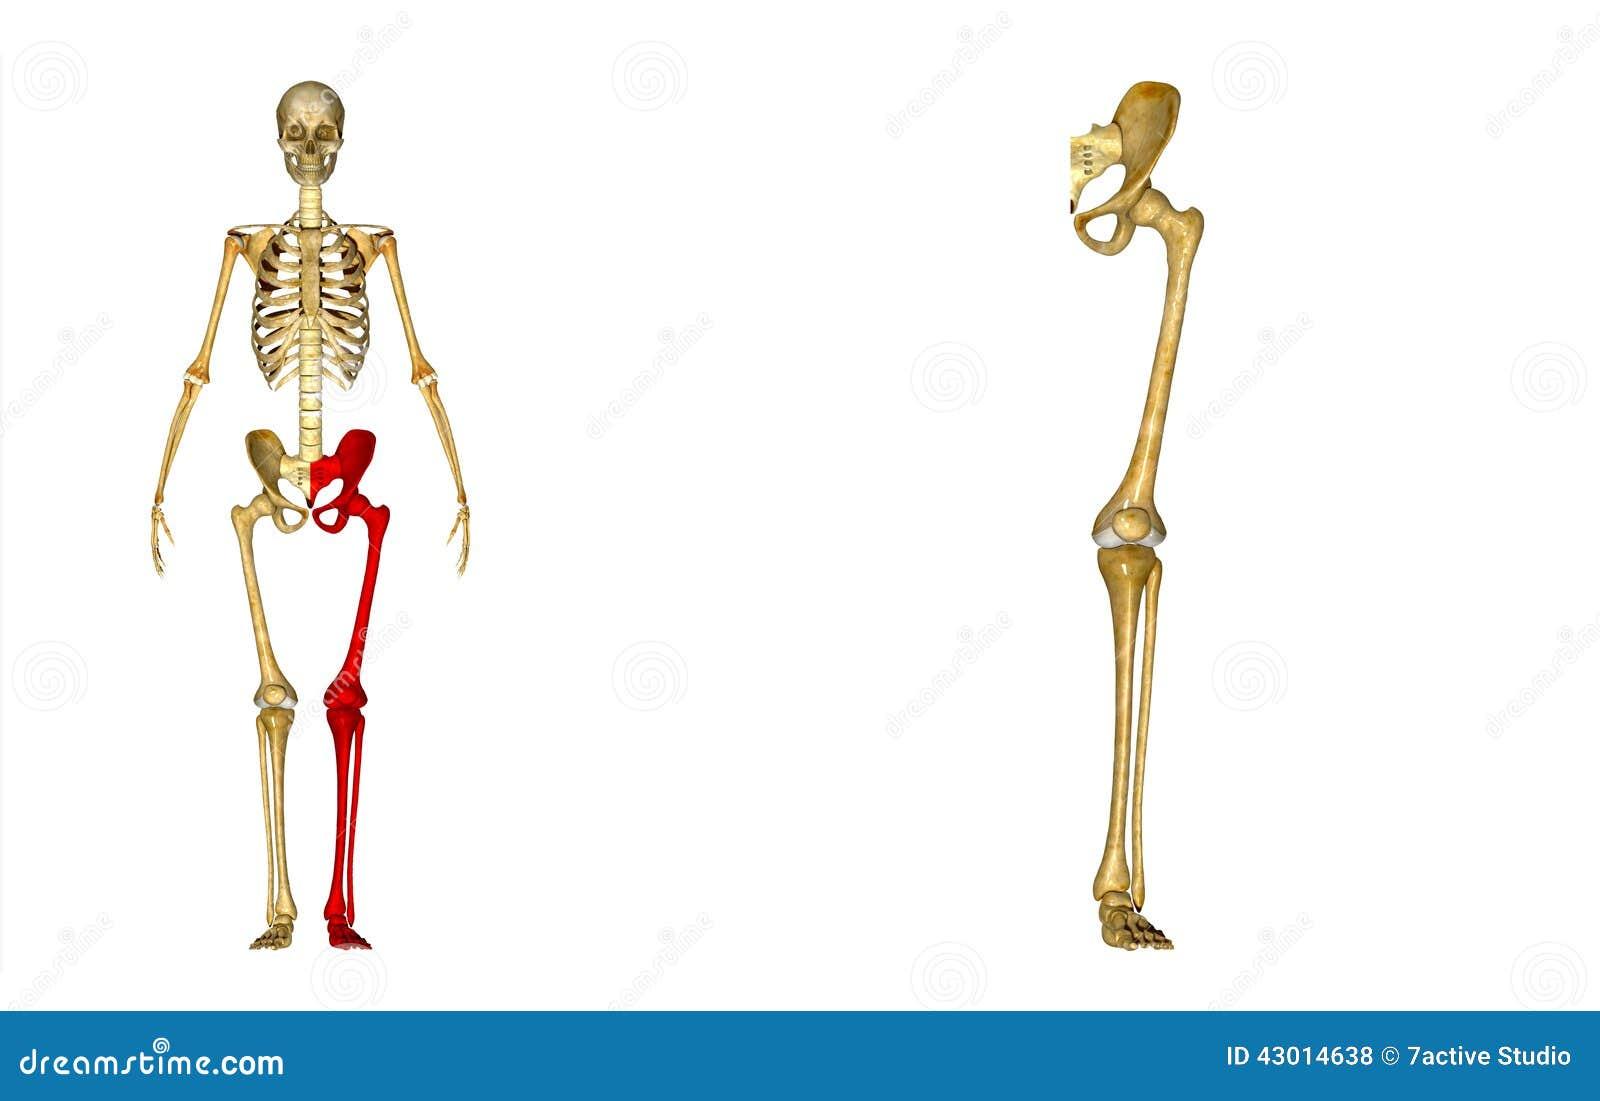 Esqueleto: Huesos Izquierdos De La Pierna: Huesos De La Cadera, Del ...